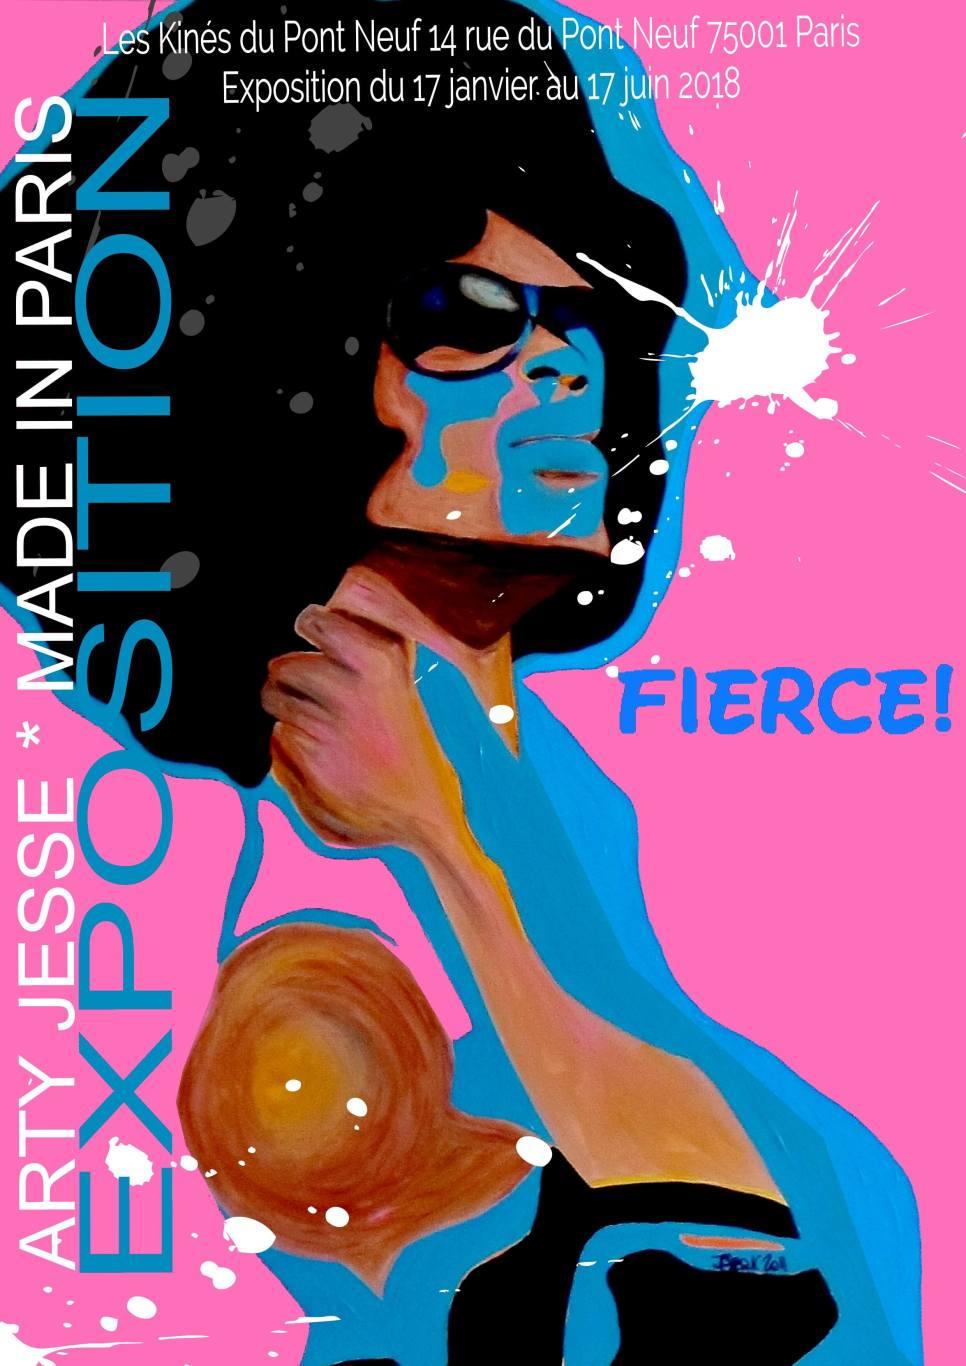 fierce, expo paris, kiné du pont neuf, exhibit, artist in Paris, jesse, gay, drag queen, rpdr